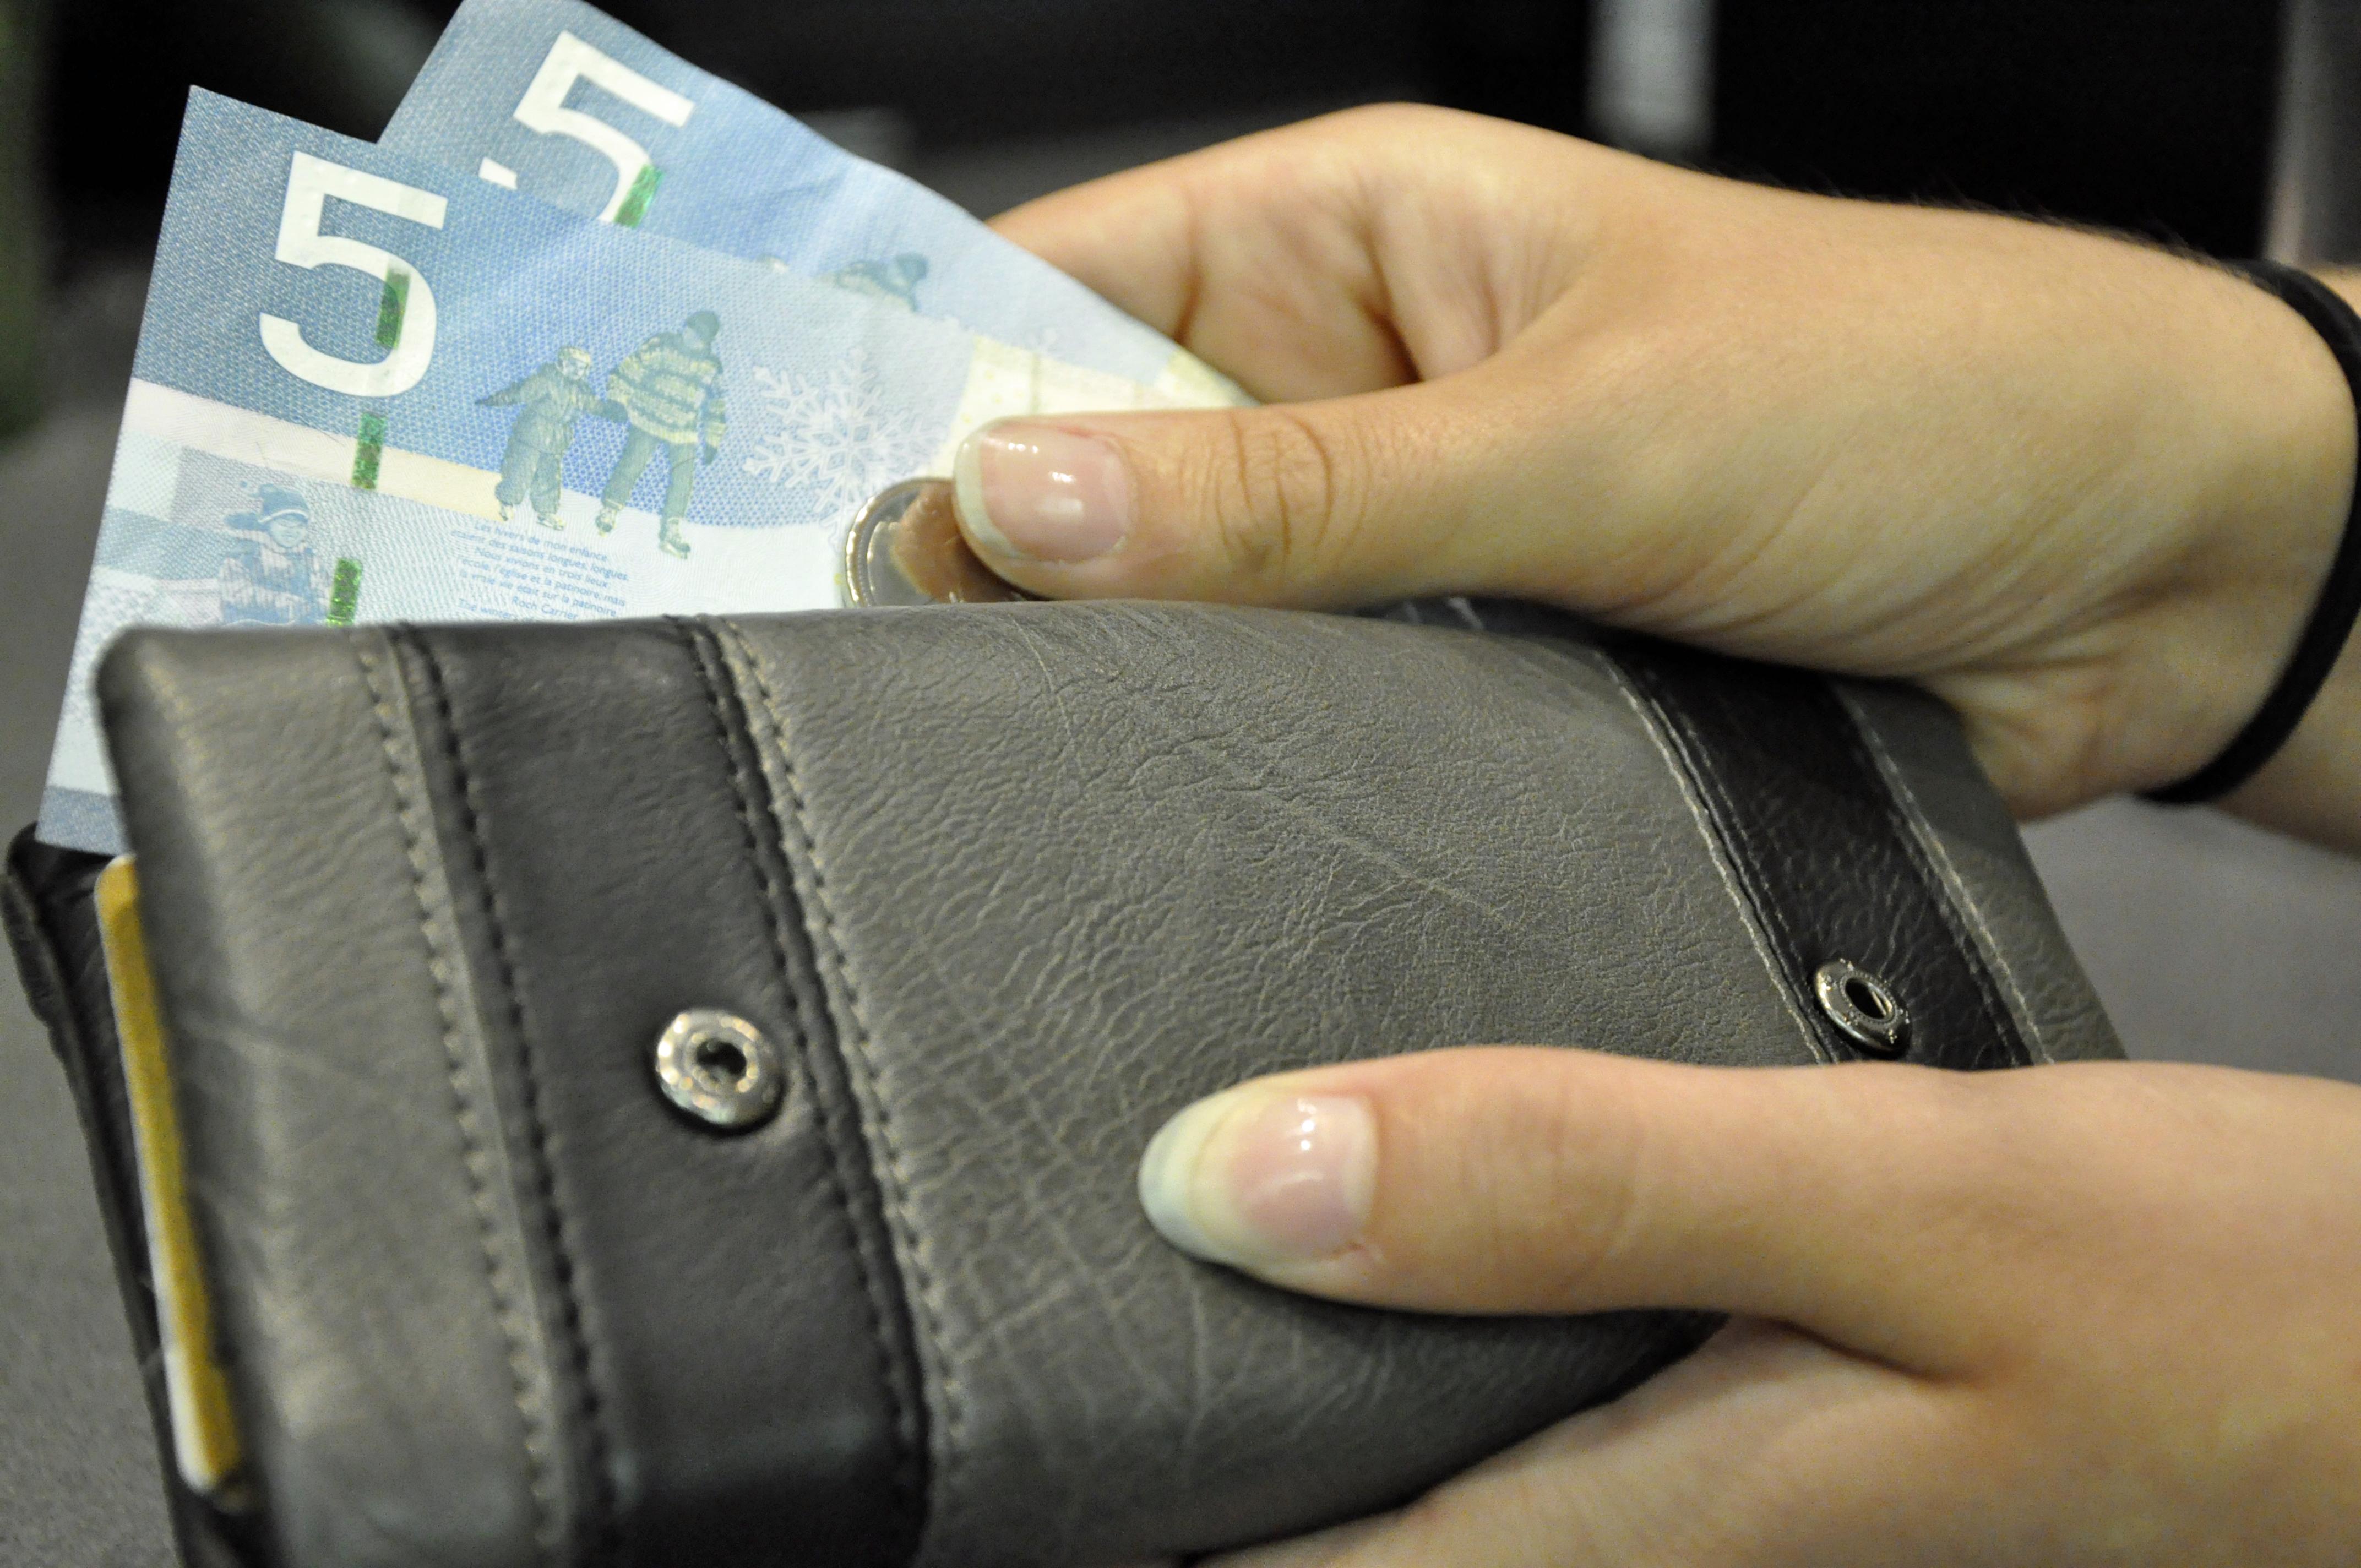 aa_19_ott_minimumwage_sean  Salário mínimo do Quebec sobe para $ 10,75 a partir de maio e divide opiniões aa 19 ott minimumwage sean